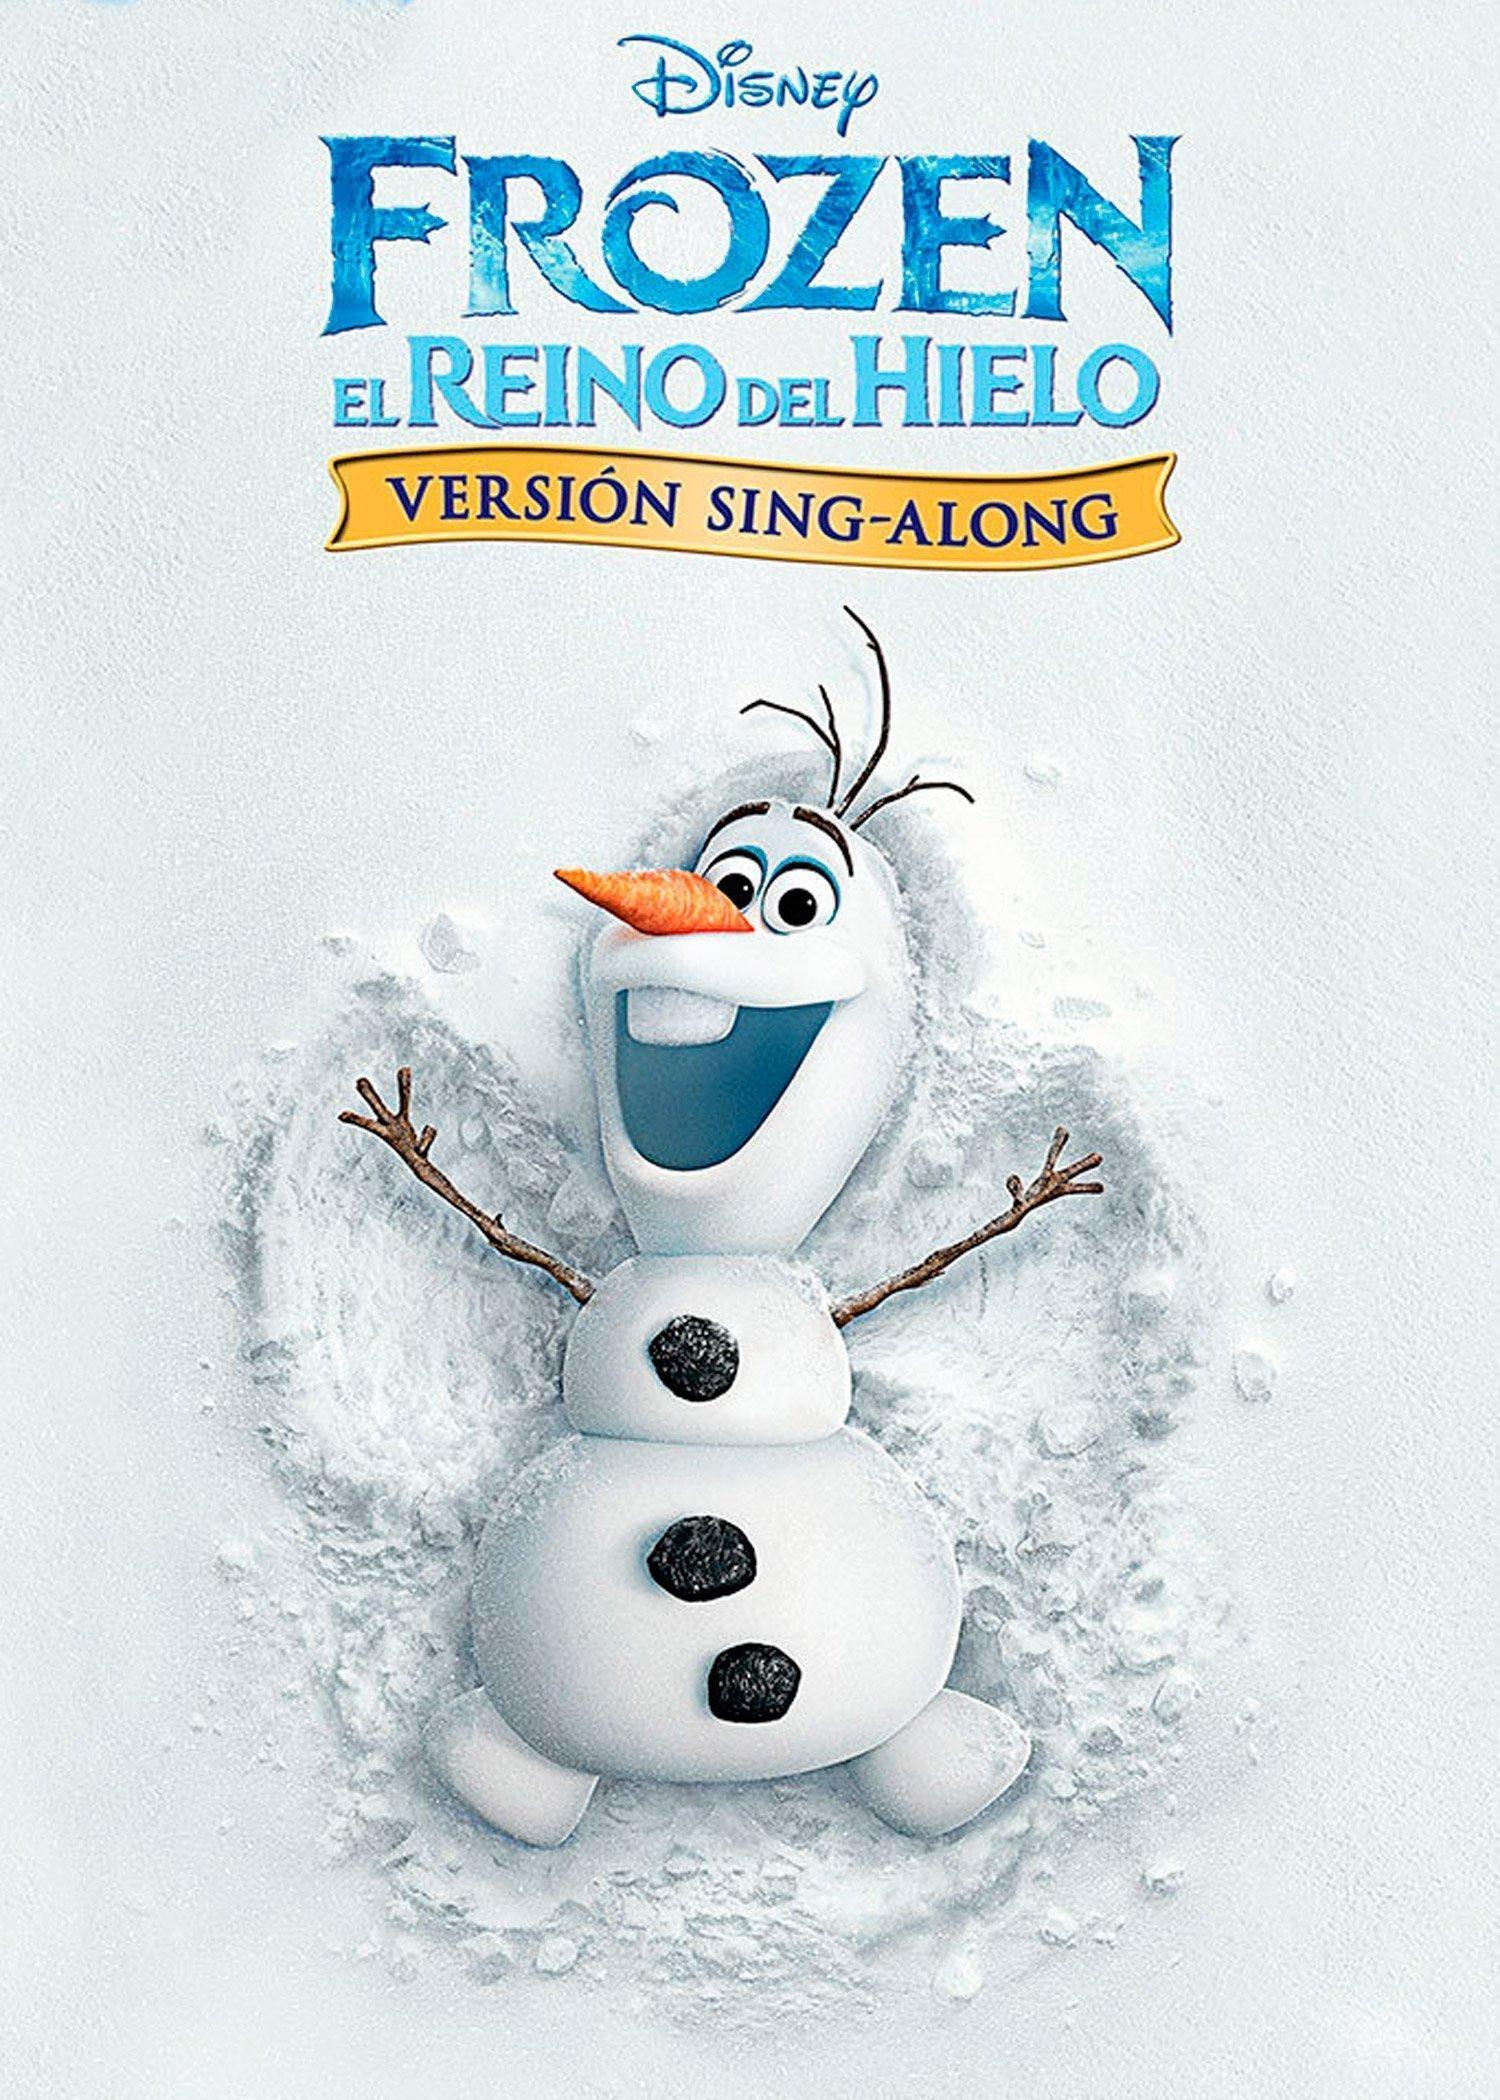 Frozen: El Reino del Hielo Sing- Along